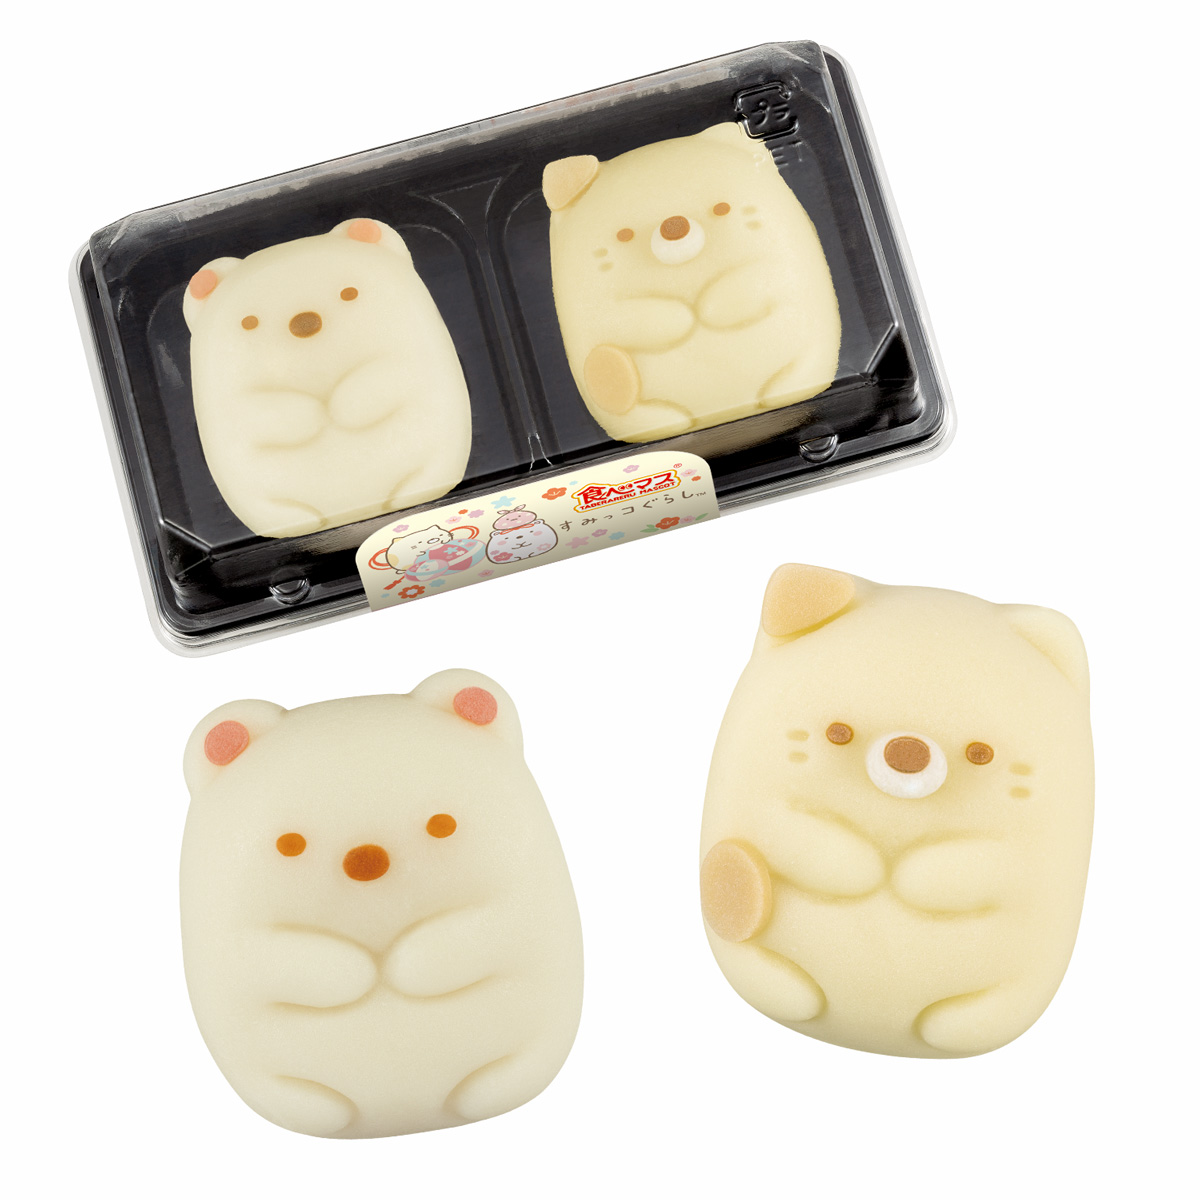 食べマス すみっコぐらし (しろくま・ねこ)_0